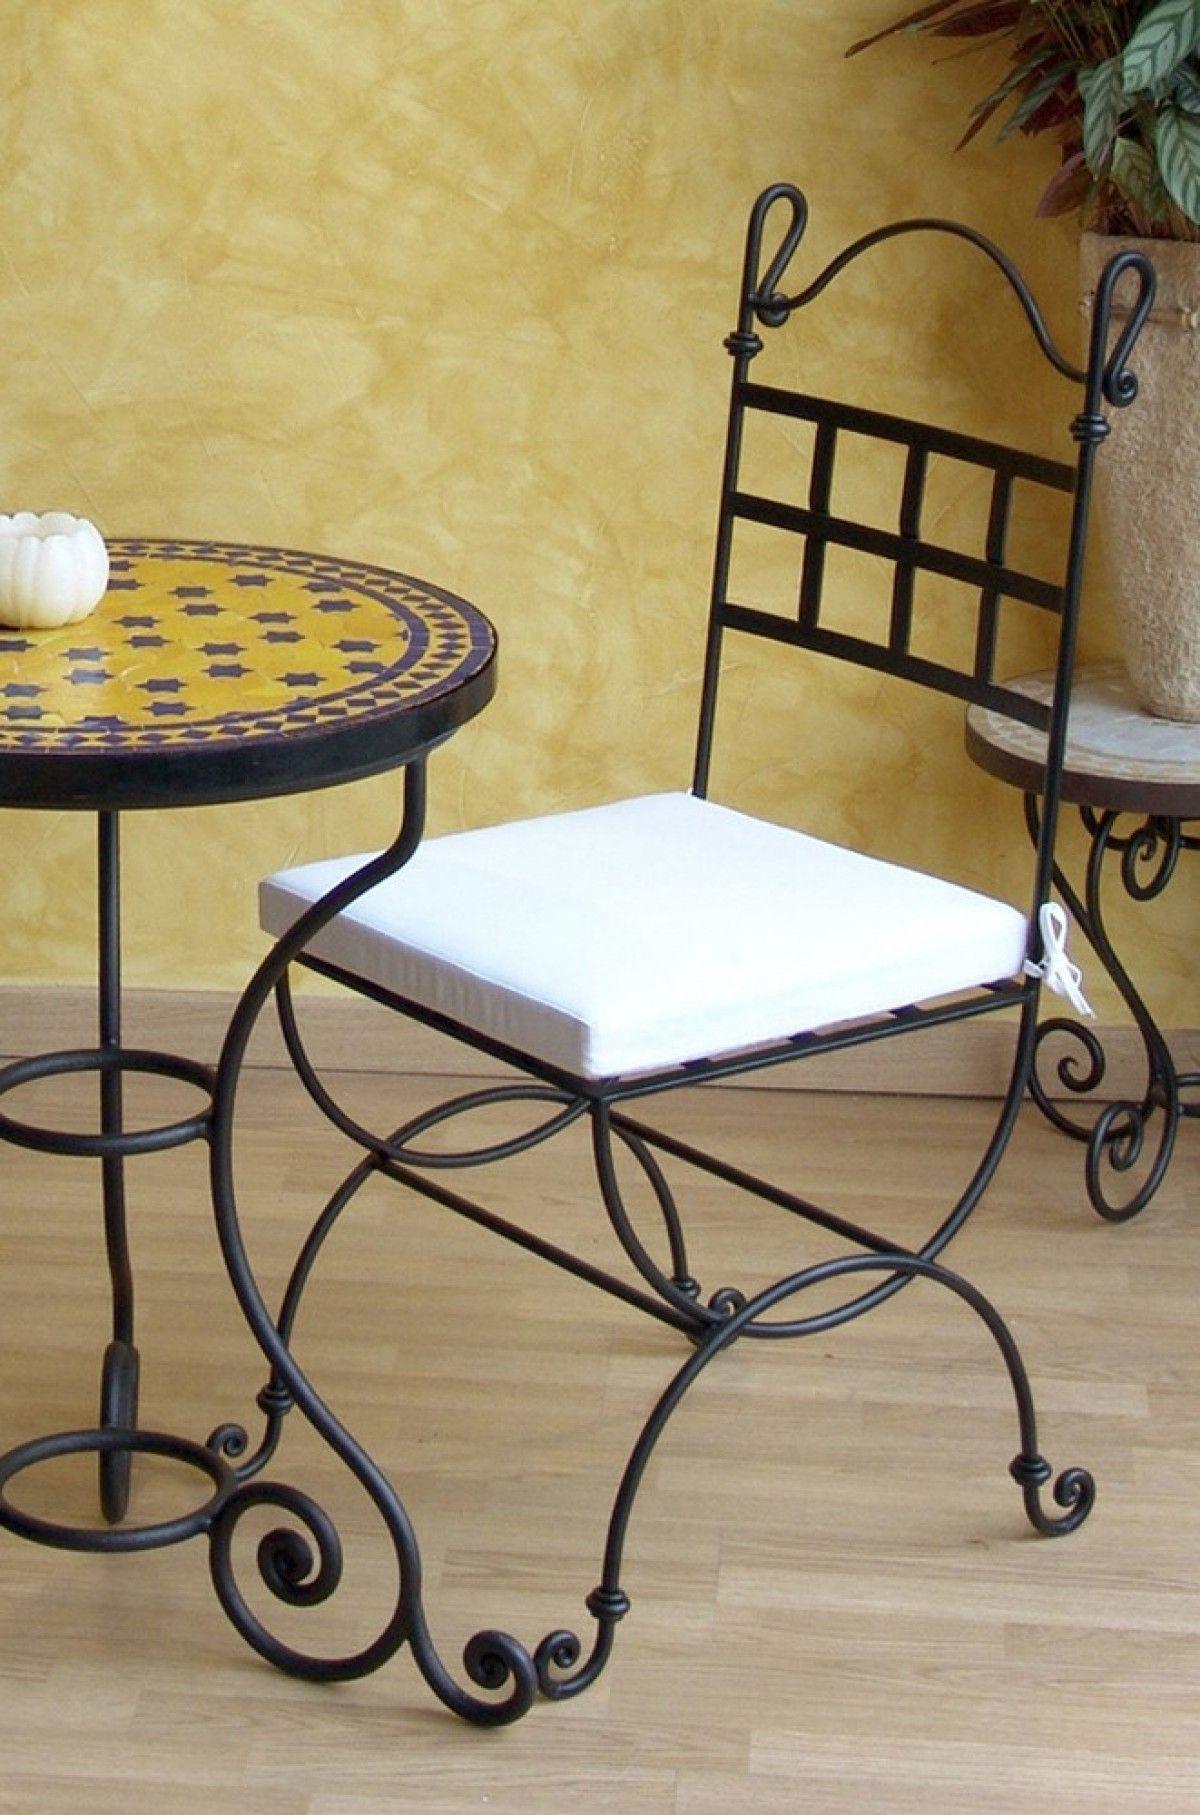 Silla hierro 005 sillas muebl for Muebles de jardin de hierro forjado